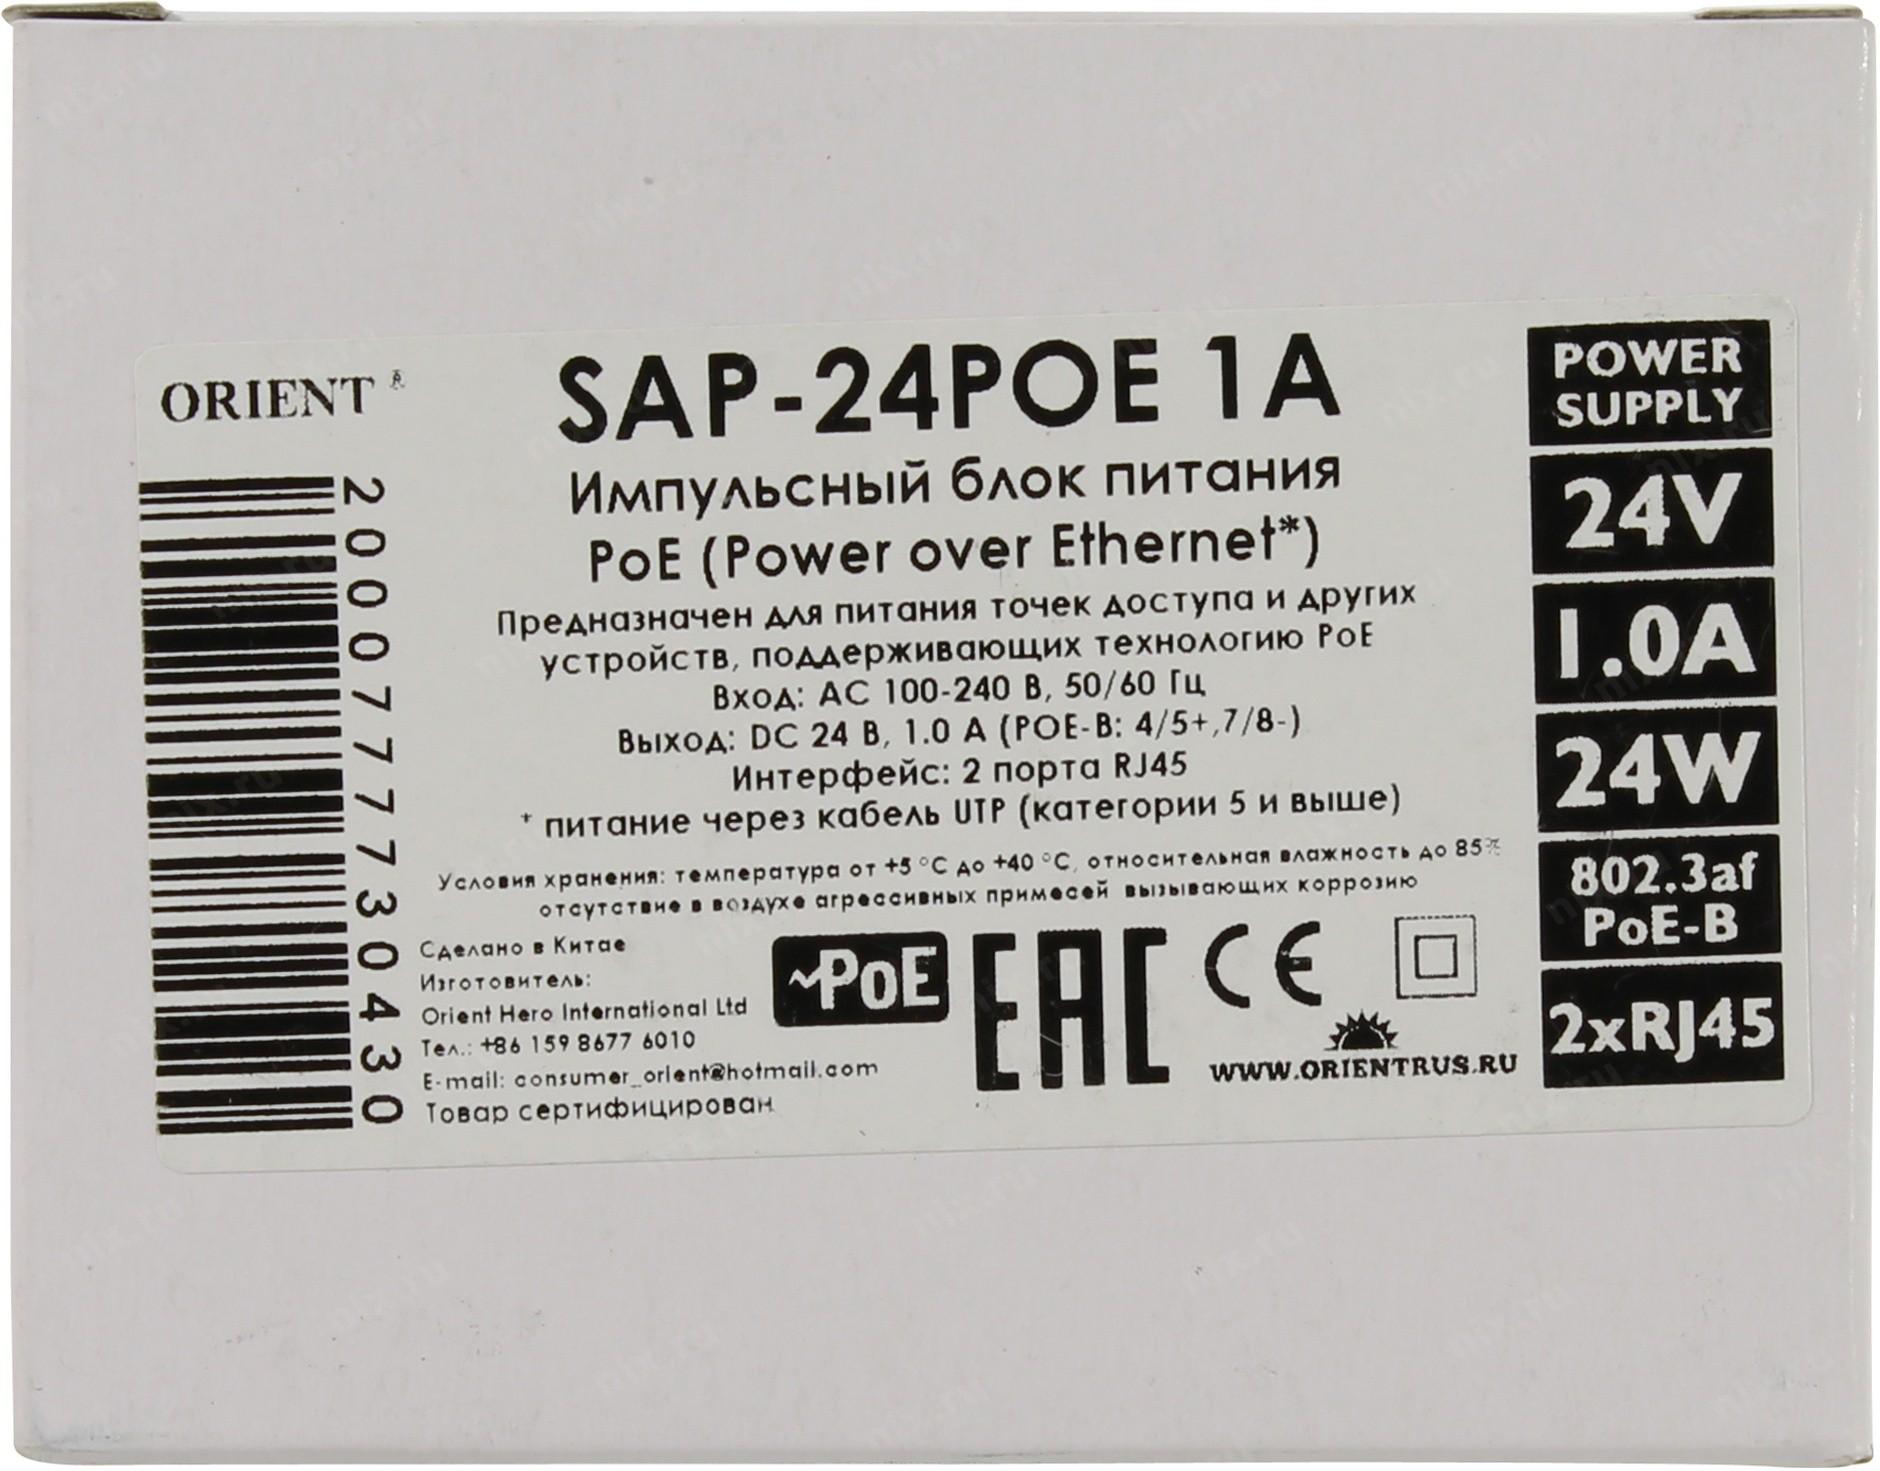 SAP-24POE 1A